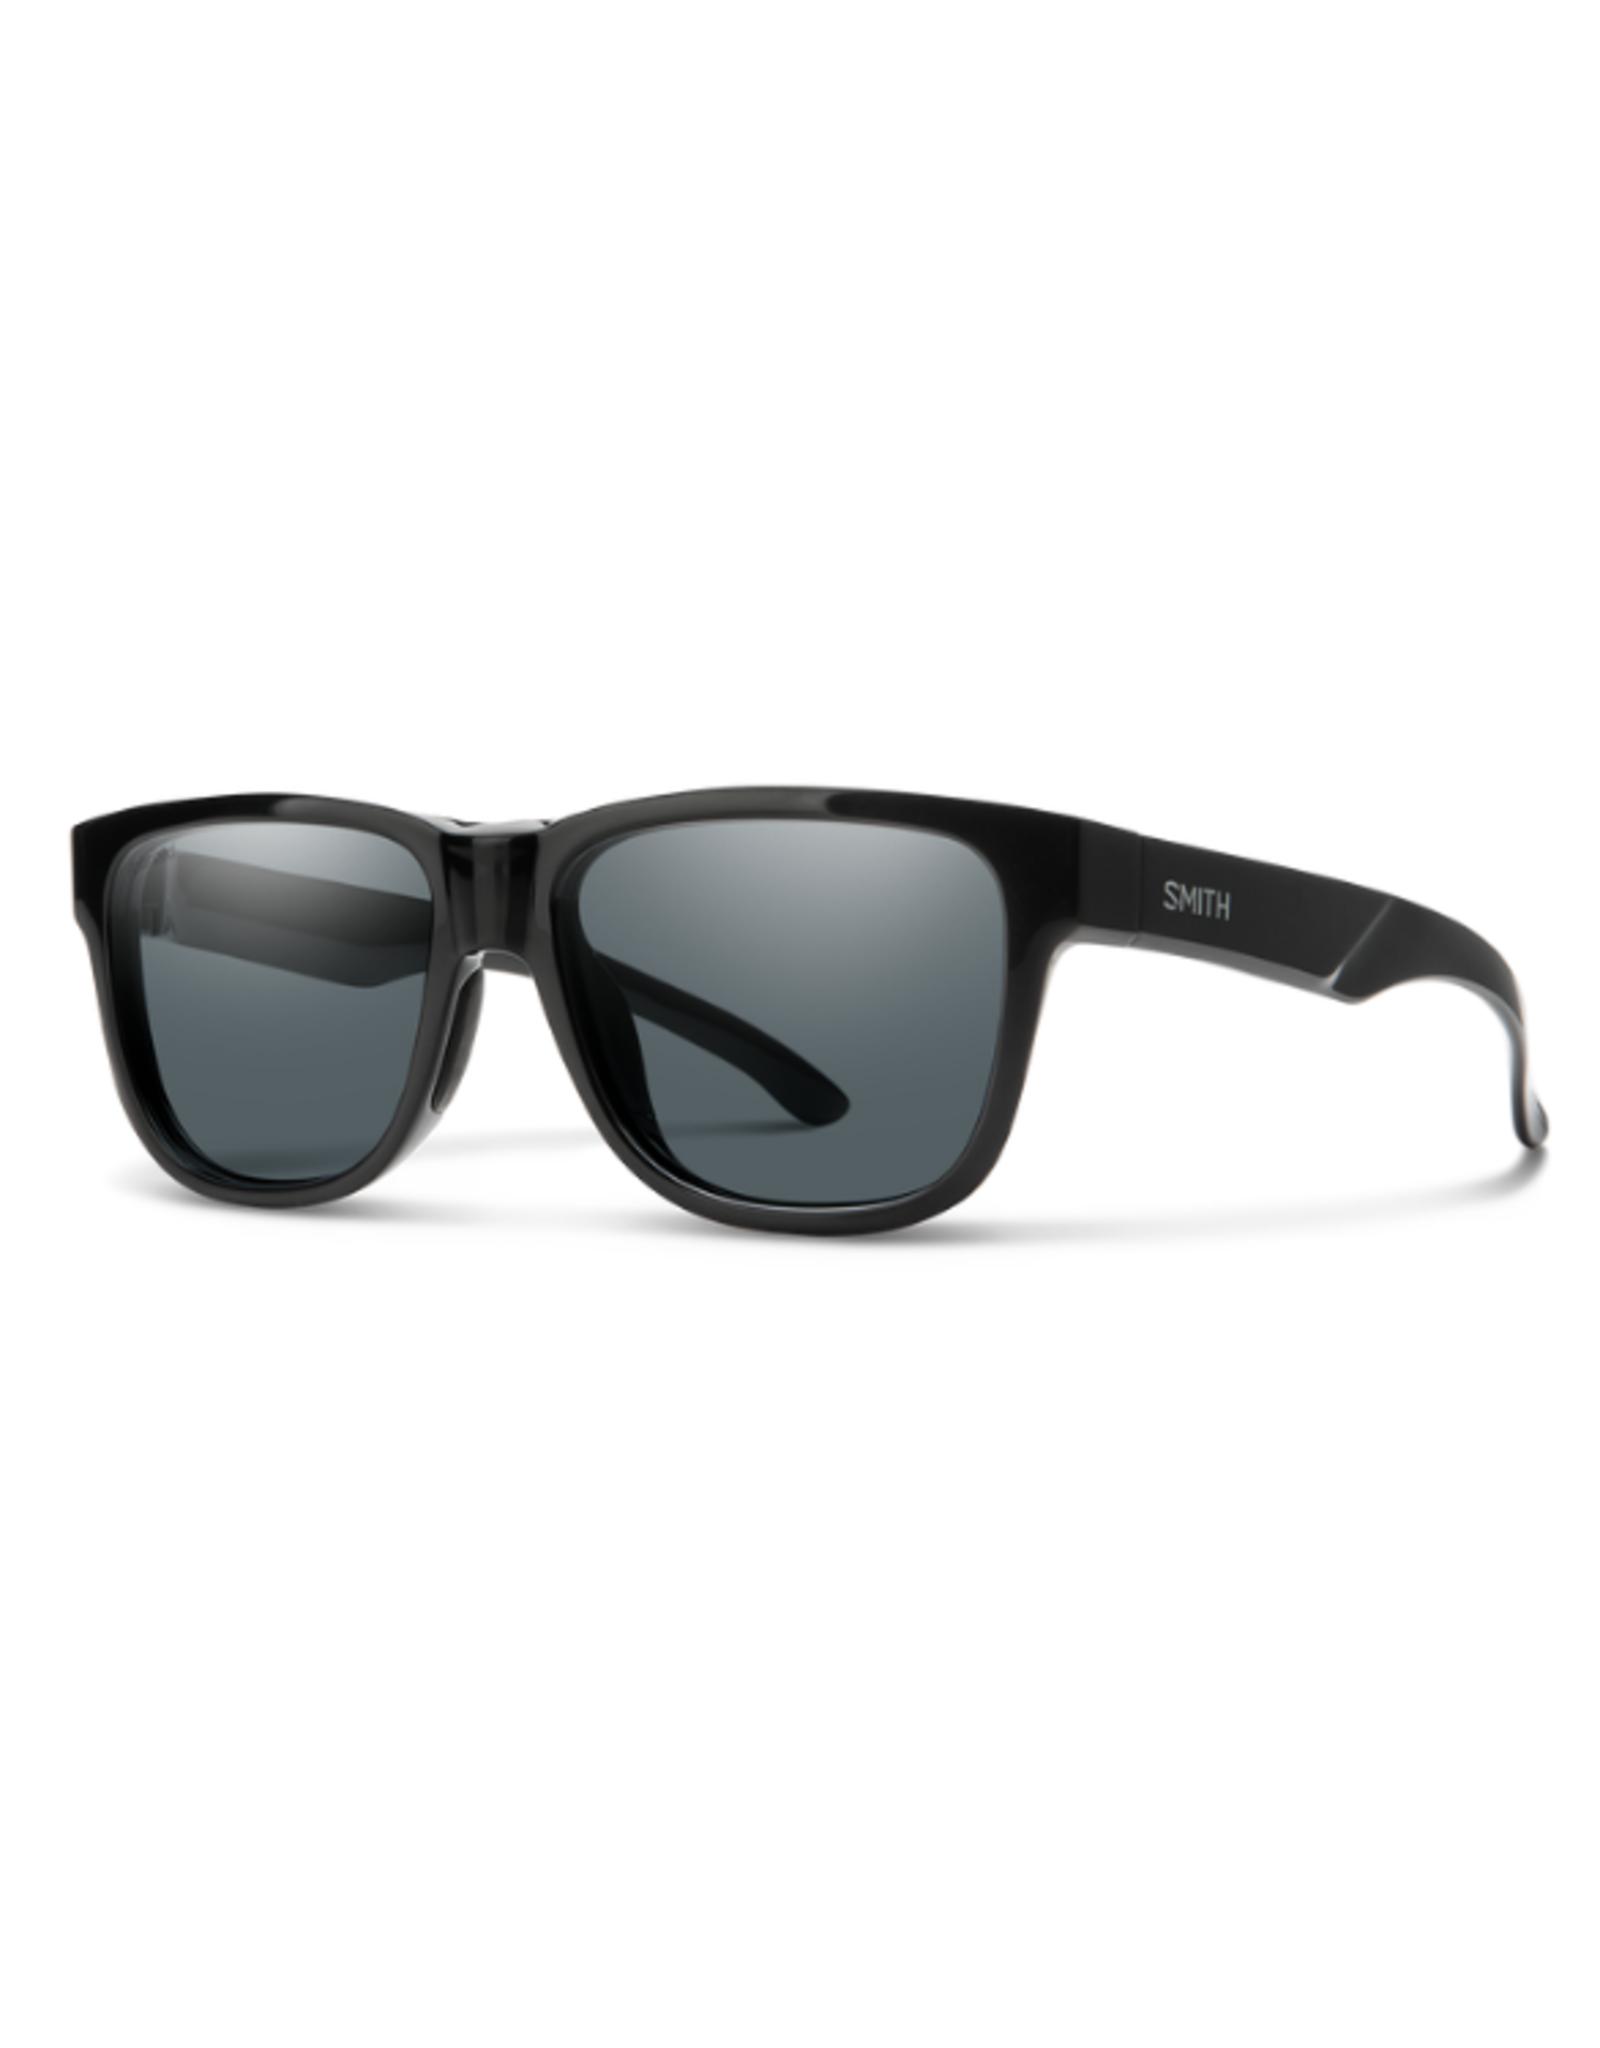 Smith Smith Lowdown Slim 2 - Black/PC Polar Grey